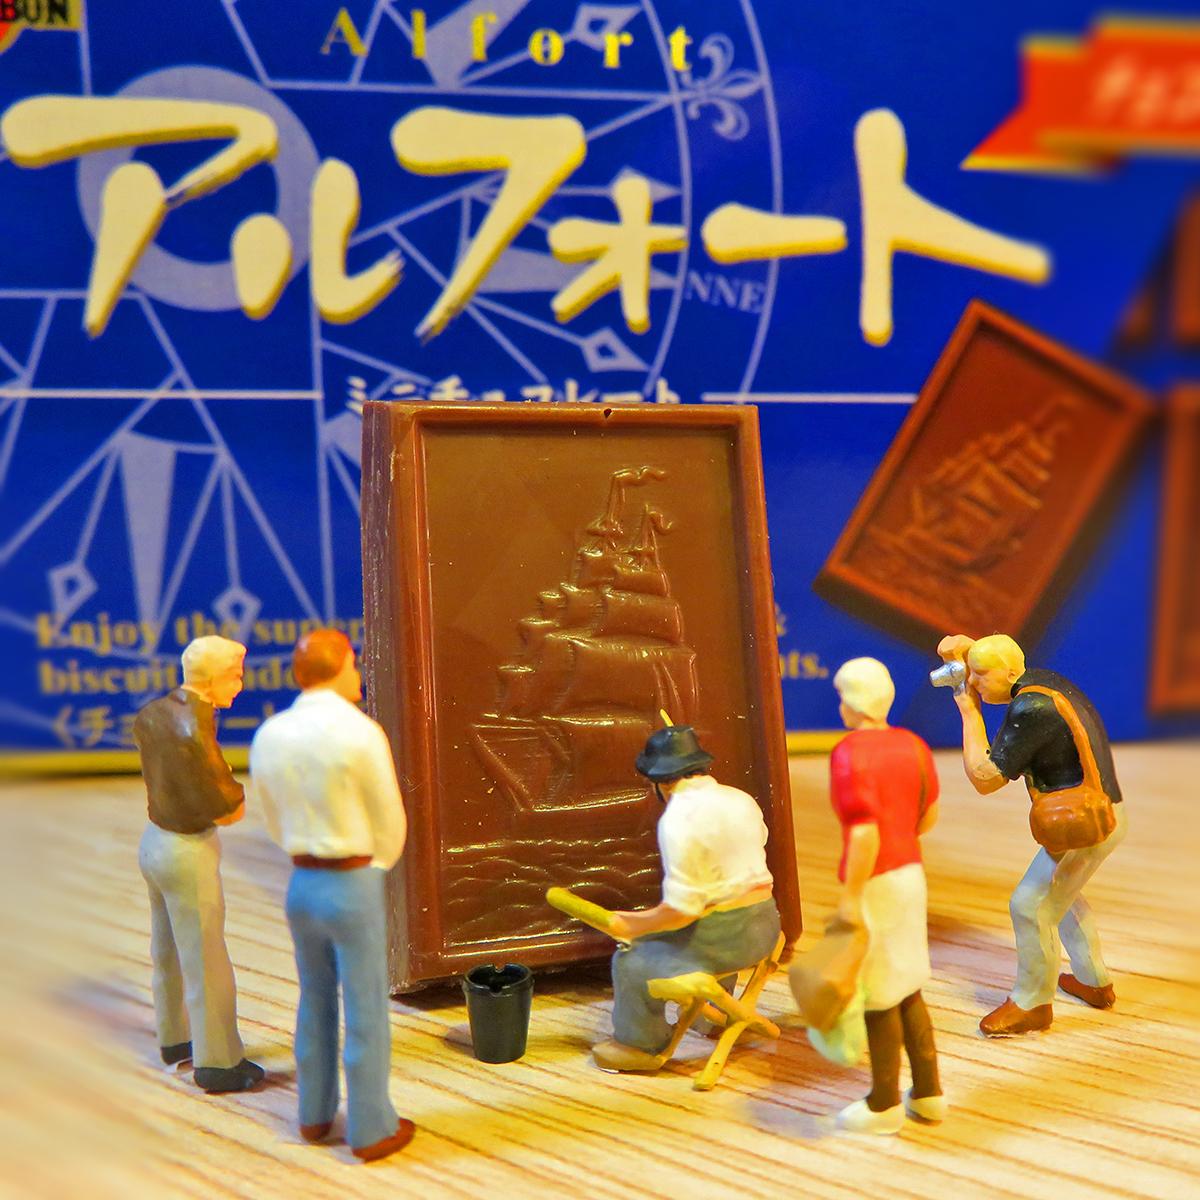 チョコレートに船の絵を描く美術家のアルフォートさん